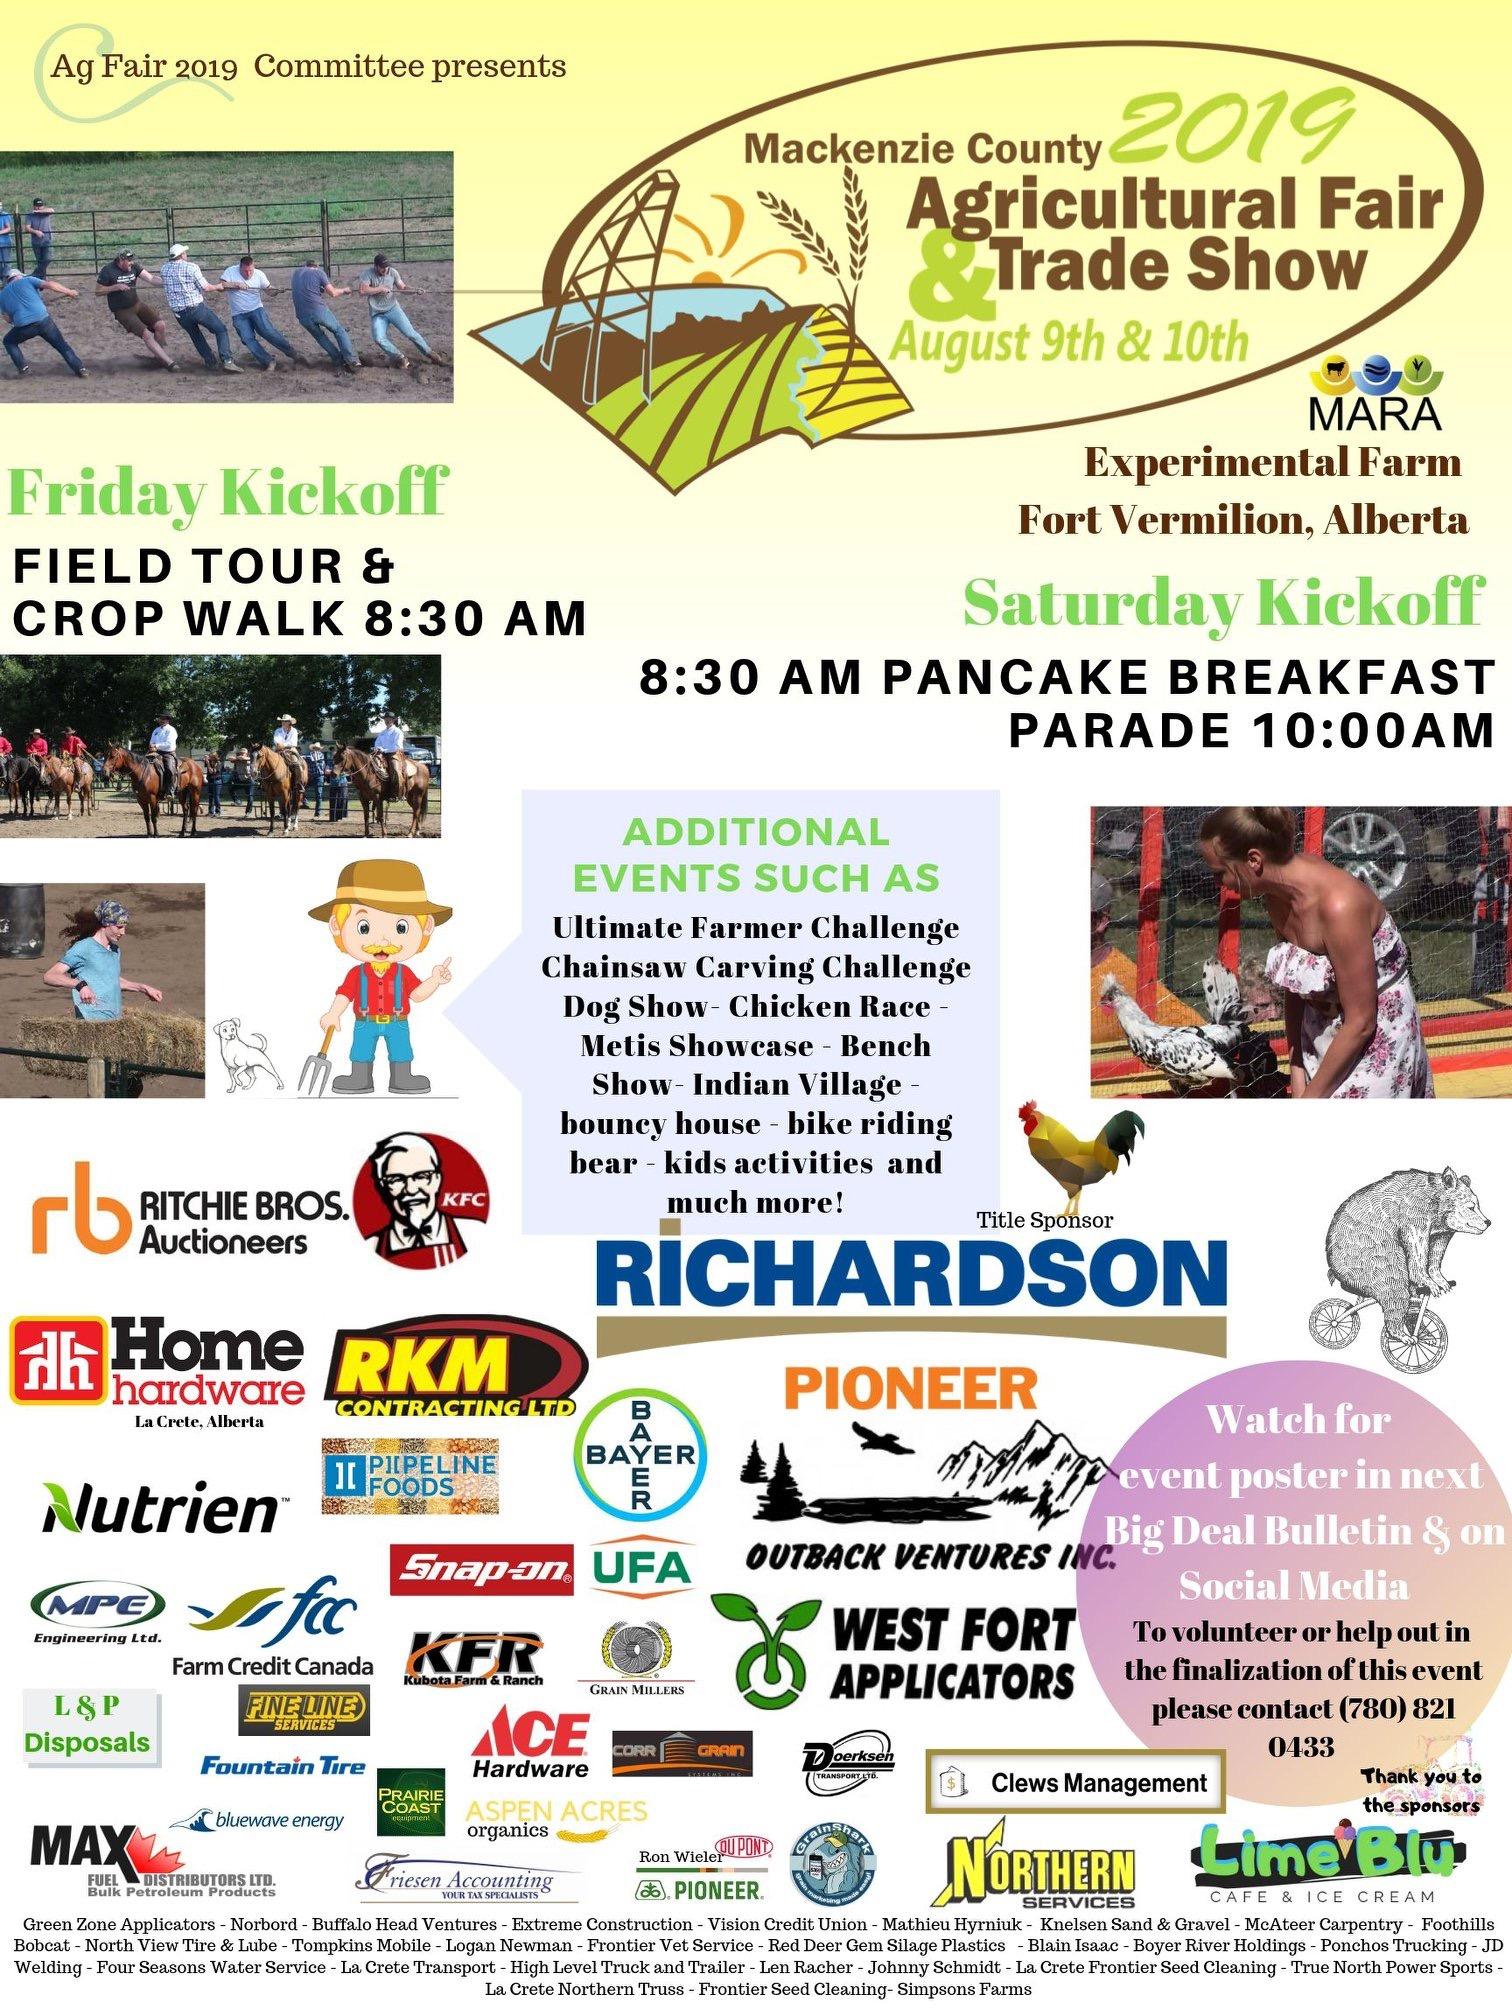 Mackenzie County Ag Fair & Trade Show 2019